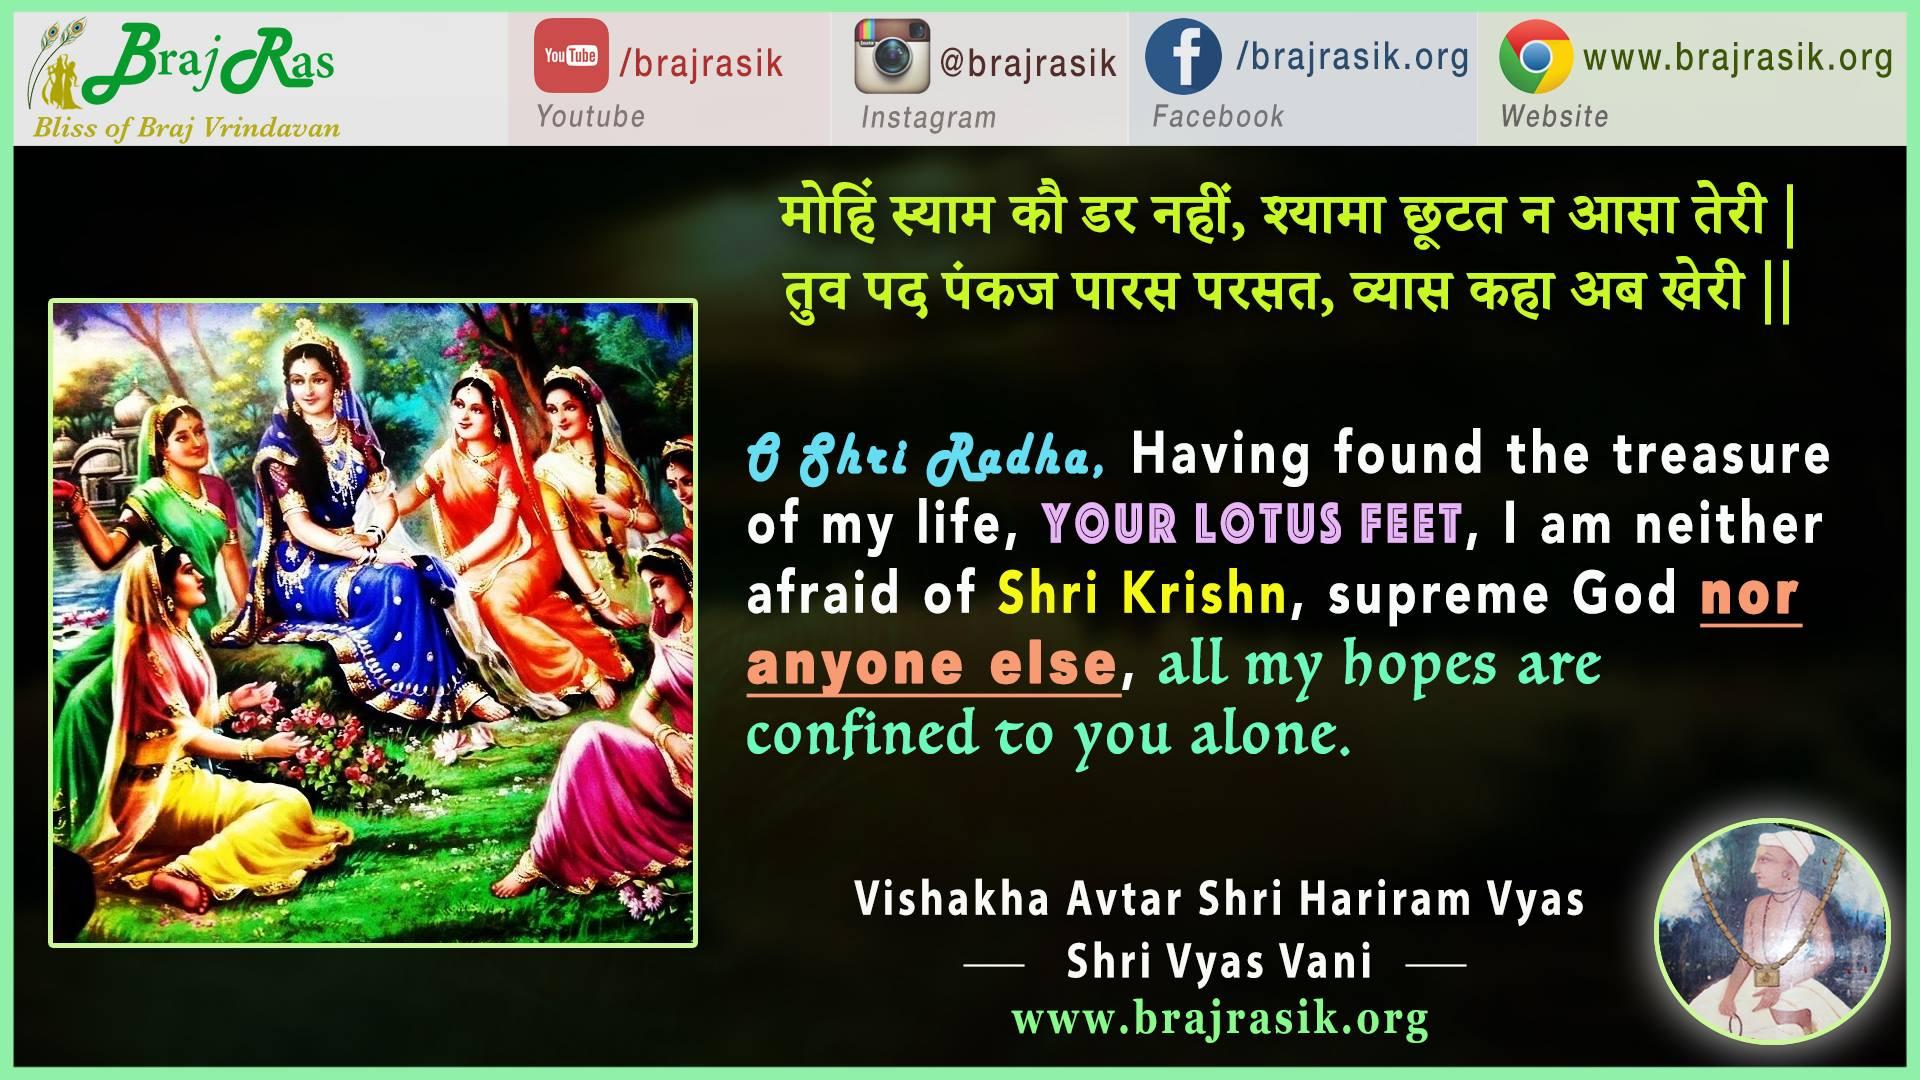 Mohin Shyam Kau Dar Nahin, Shyama Chuthata Na Aasa Teri - Vishakha Avtar Shri Hariram Vyas, Shri Vyas Vani